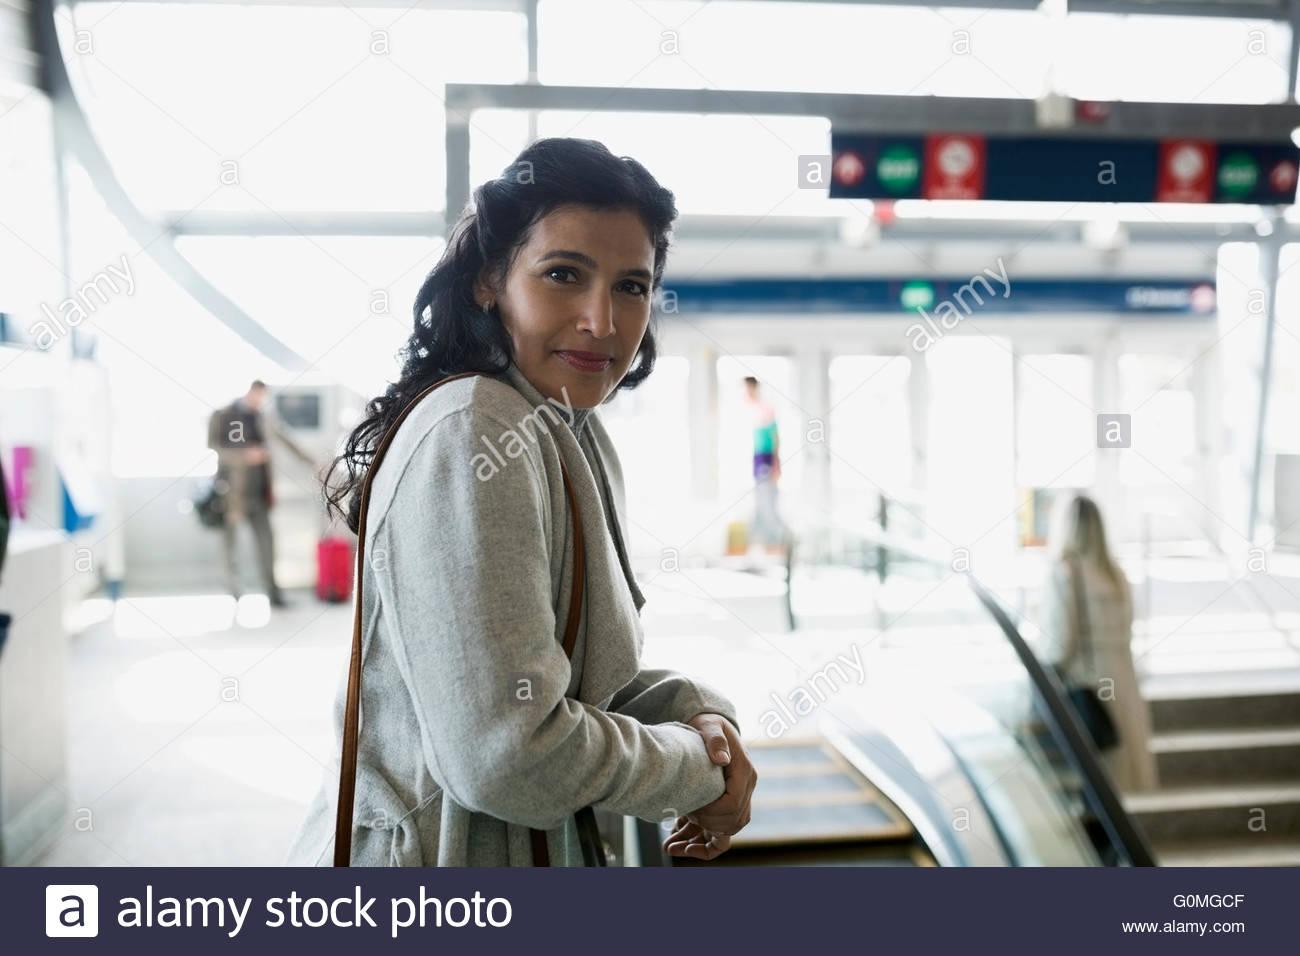 Retrato mujer confía en la estación de tren Imagen De Stock